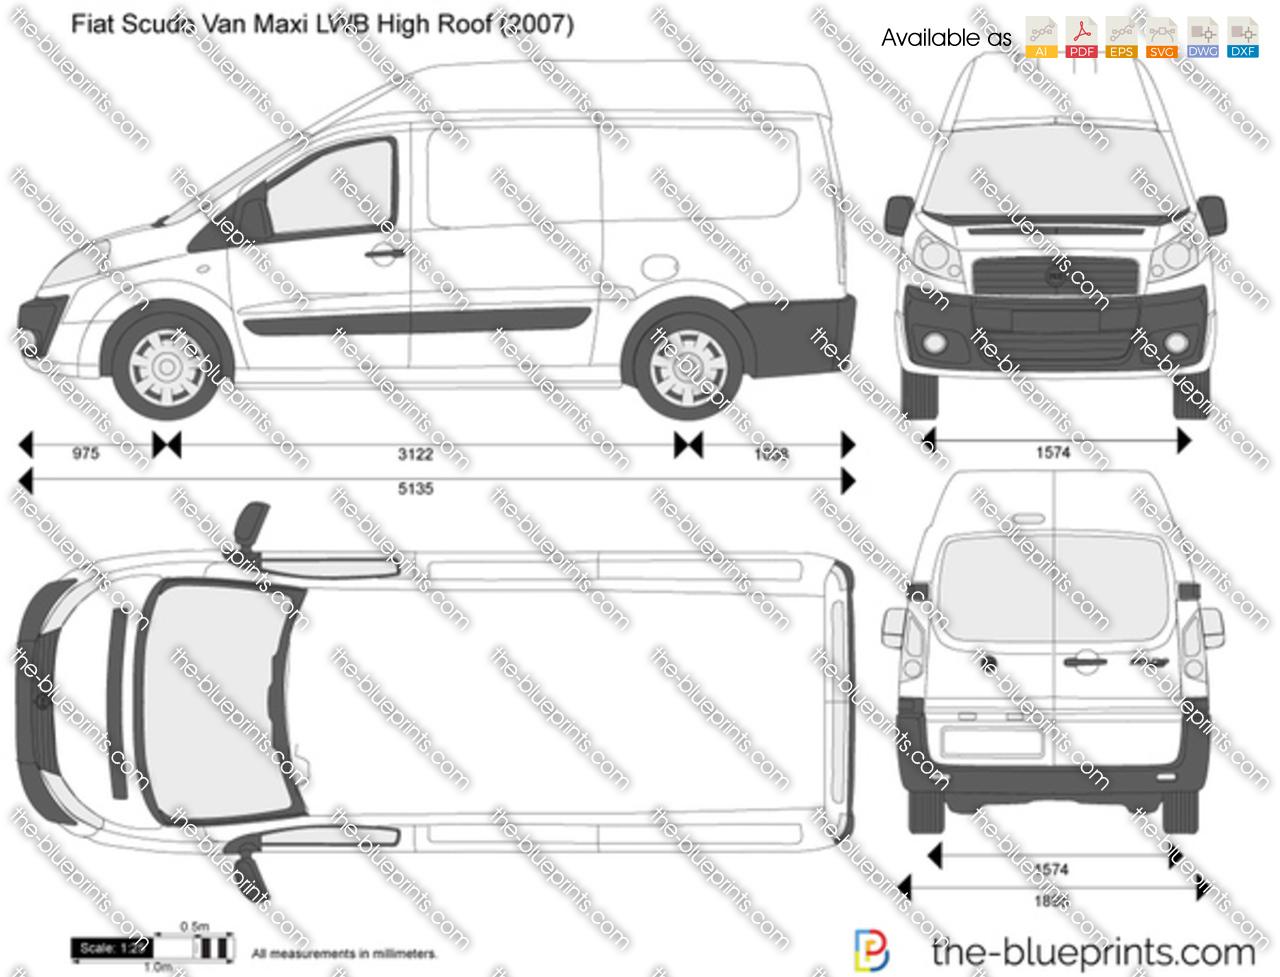 Fiat Scudo Van Maxi LWB High Roof